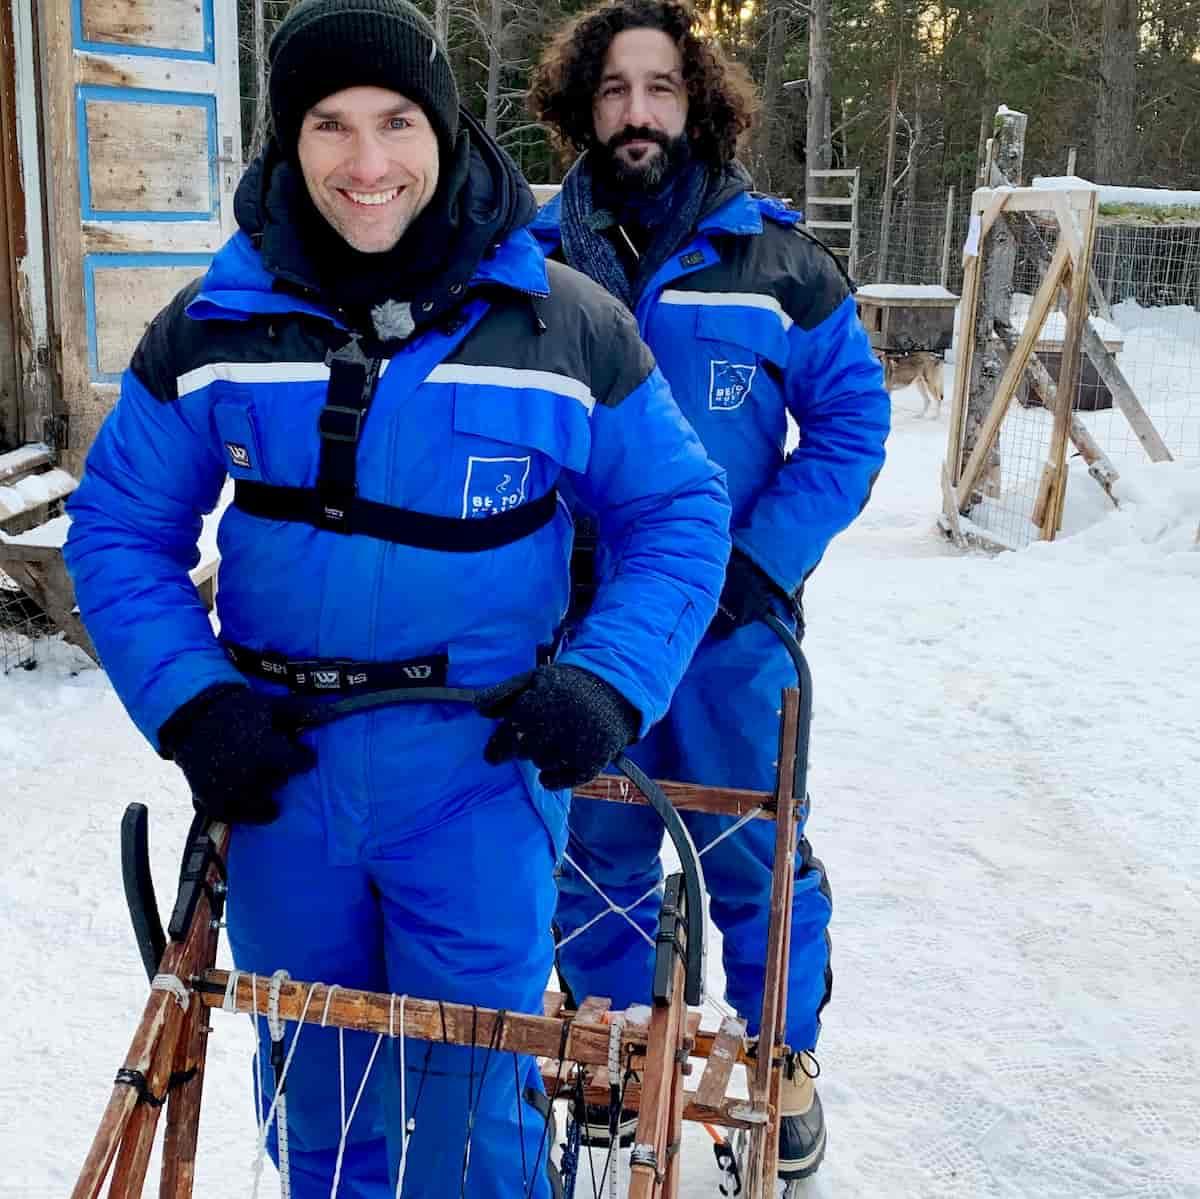 Christian Polanc und Massimo Sinato in Norwegen unterwegs bei Llambis Tanzduell am 26.4.2020